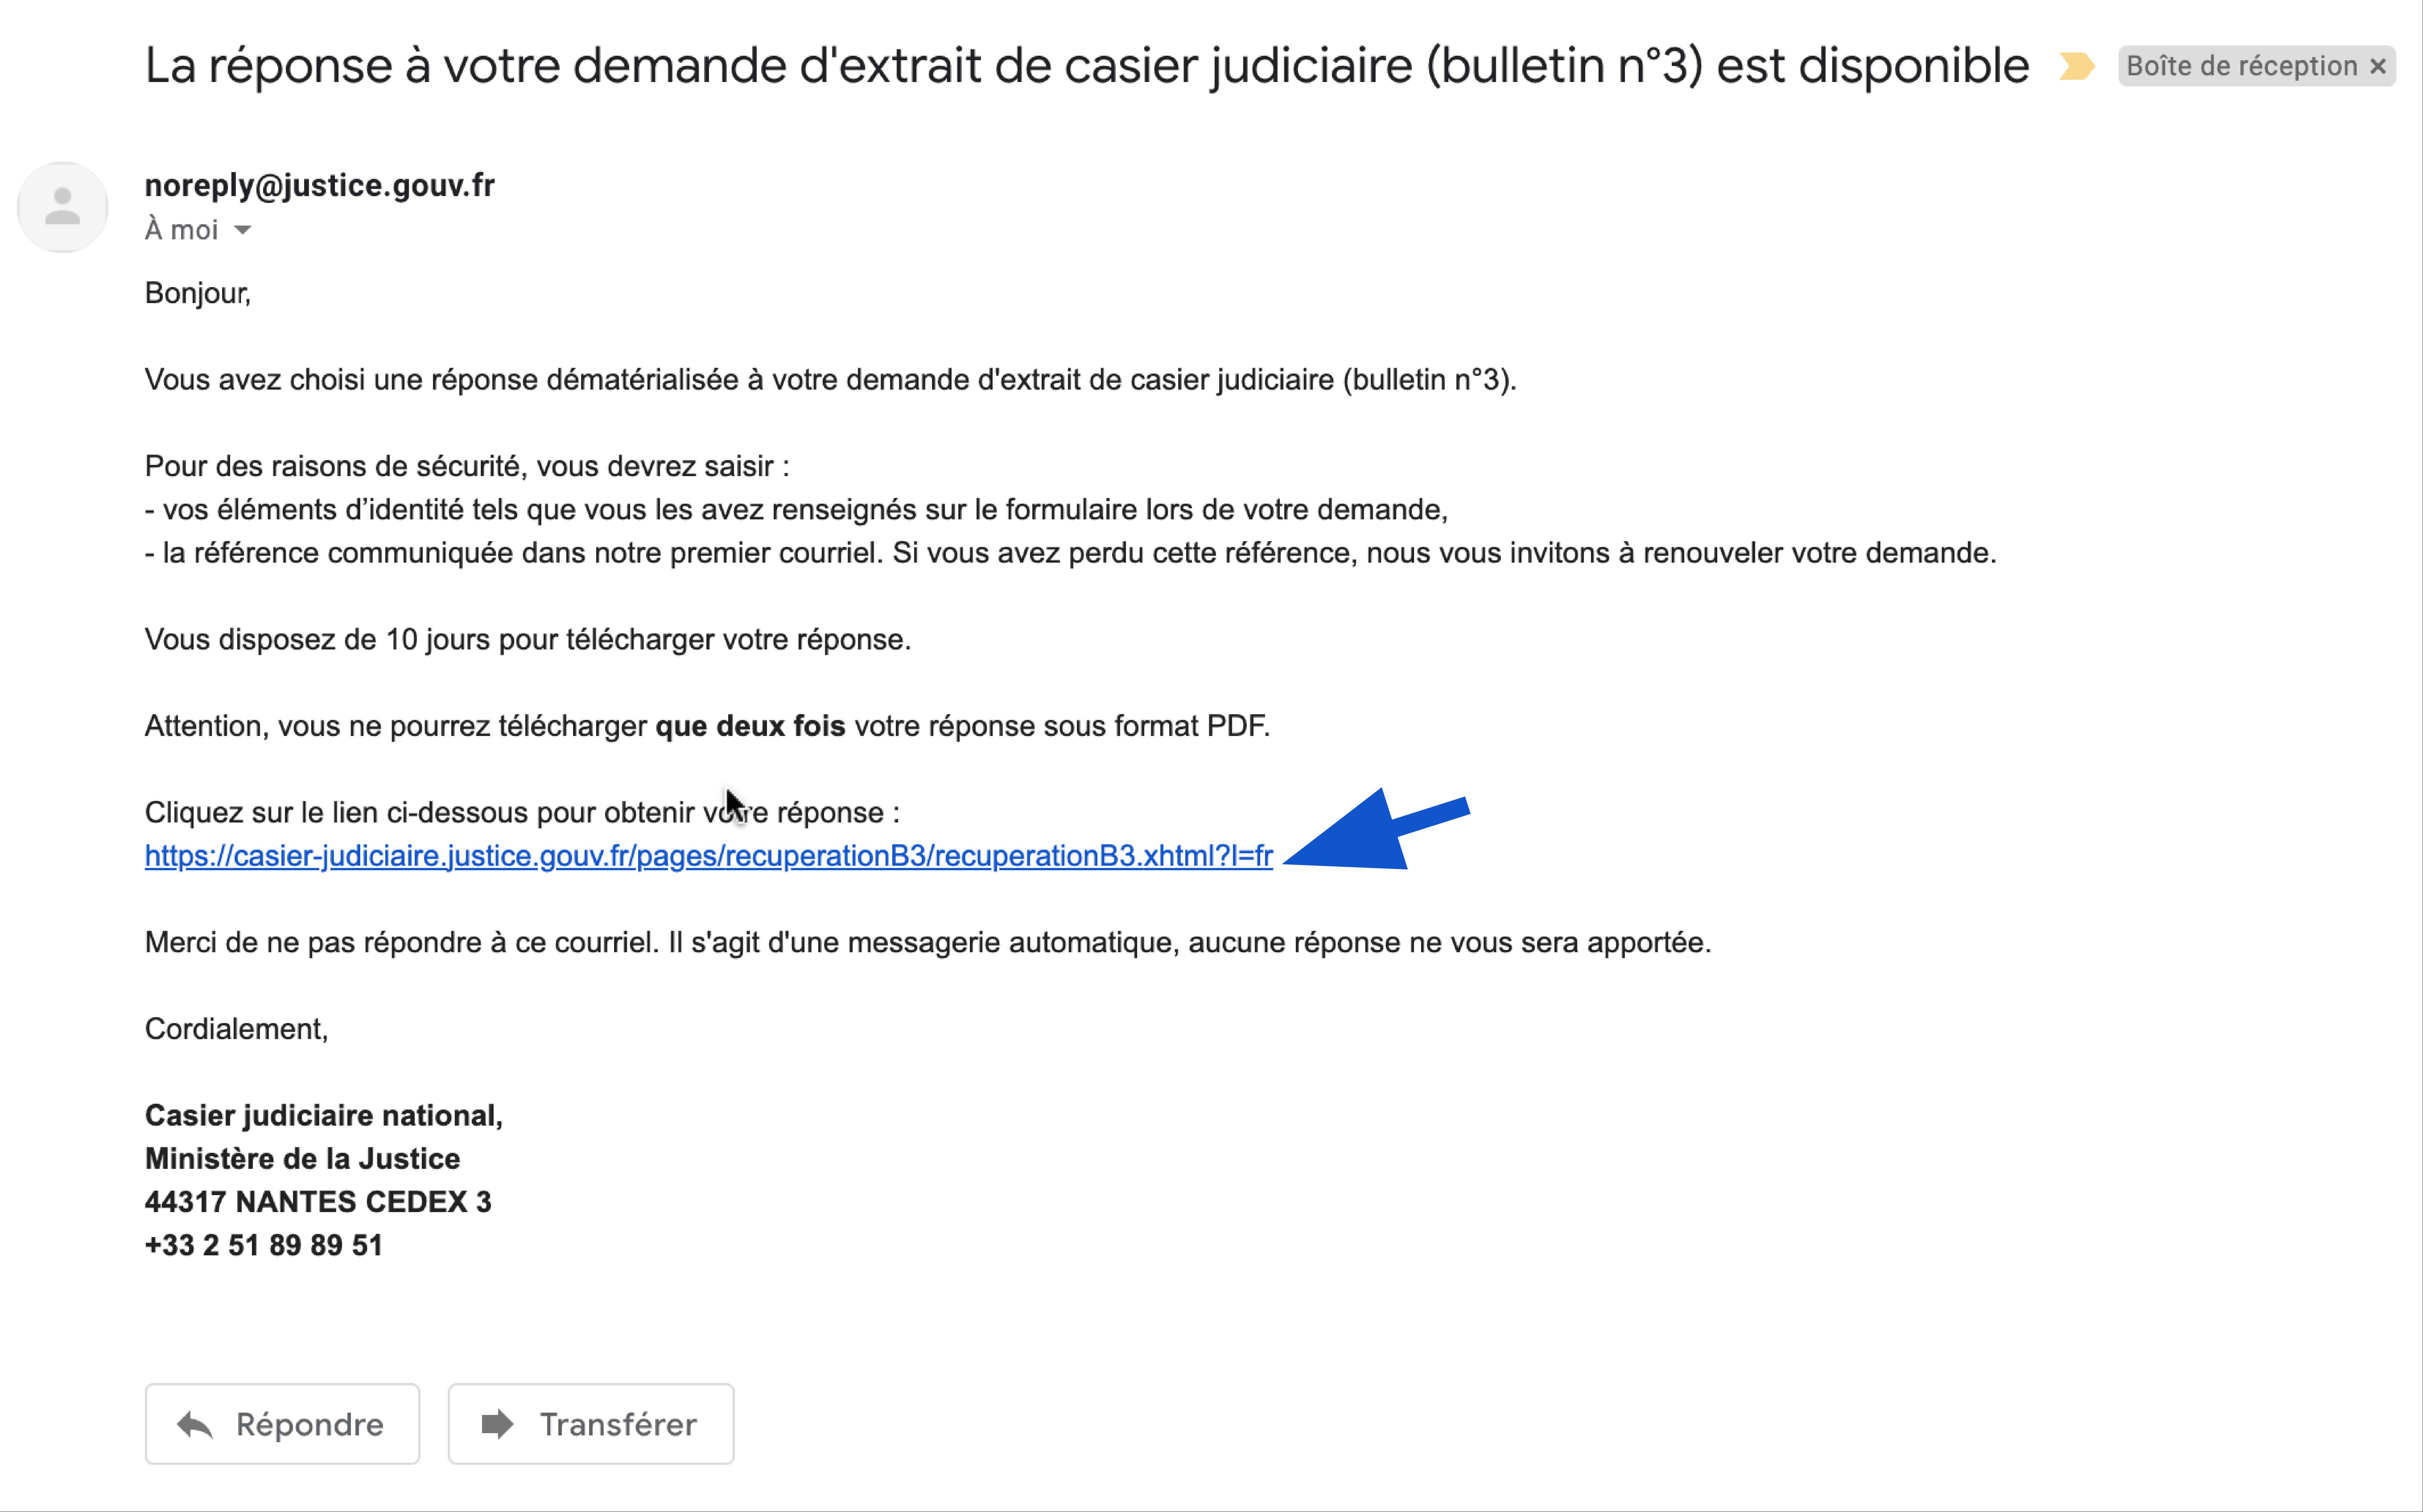 Mail contenant le lien pour télécharger mon extrait de casier judiciaire